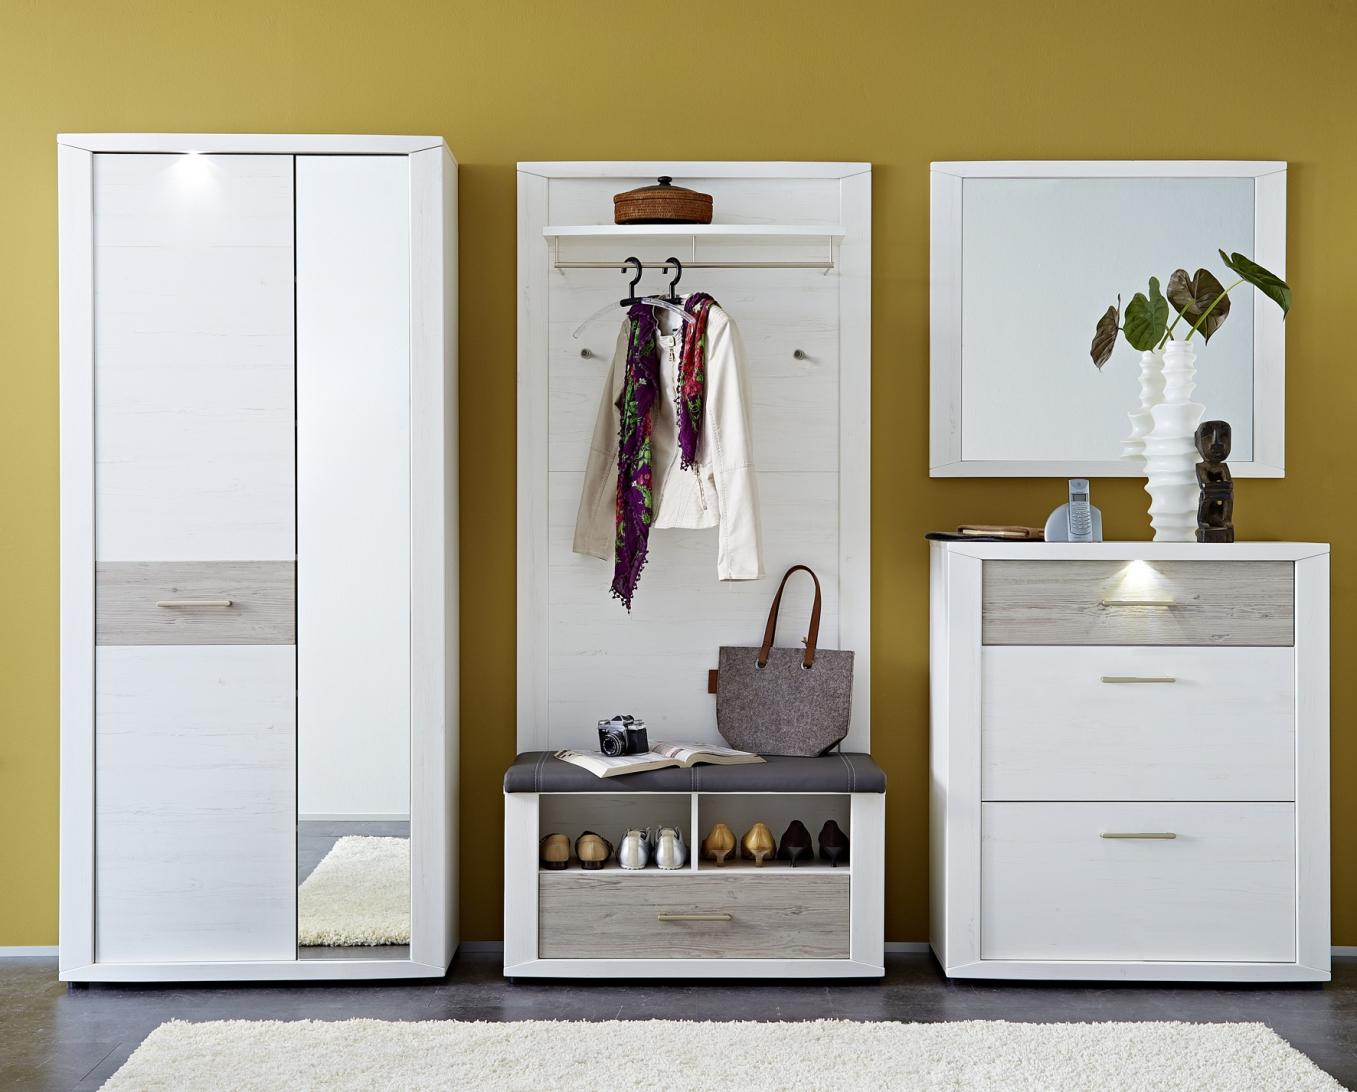 Garderoben modern free die besten garderoben set ideen auf pinterest herrlich garderobe modern - Mobel garderobe modern ...